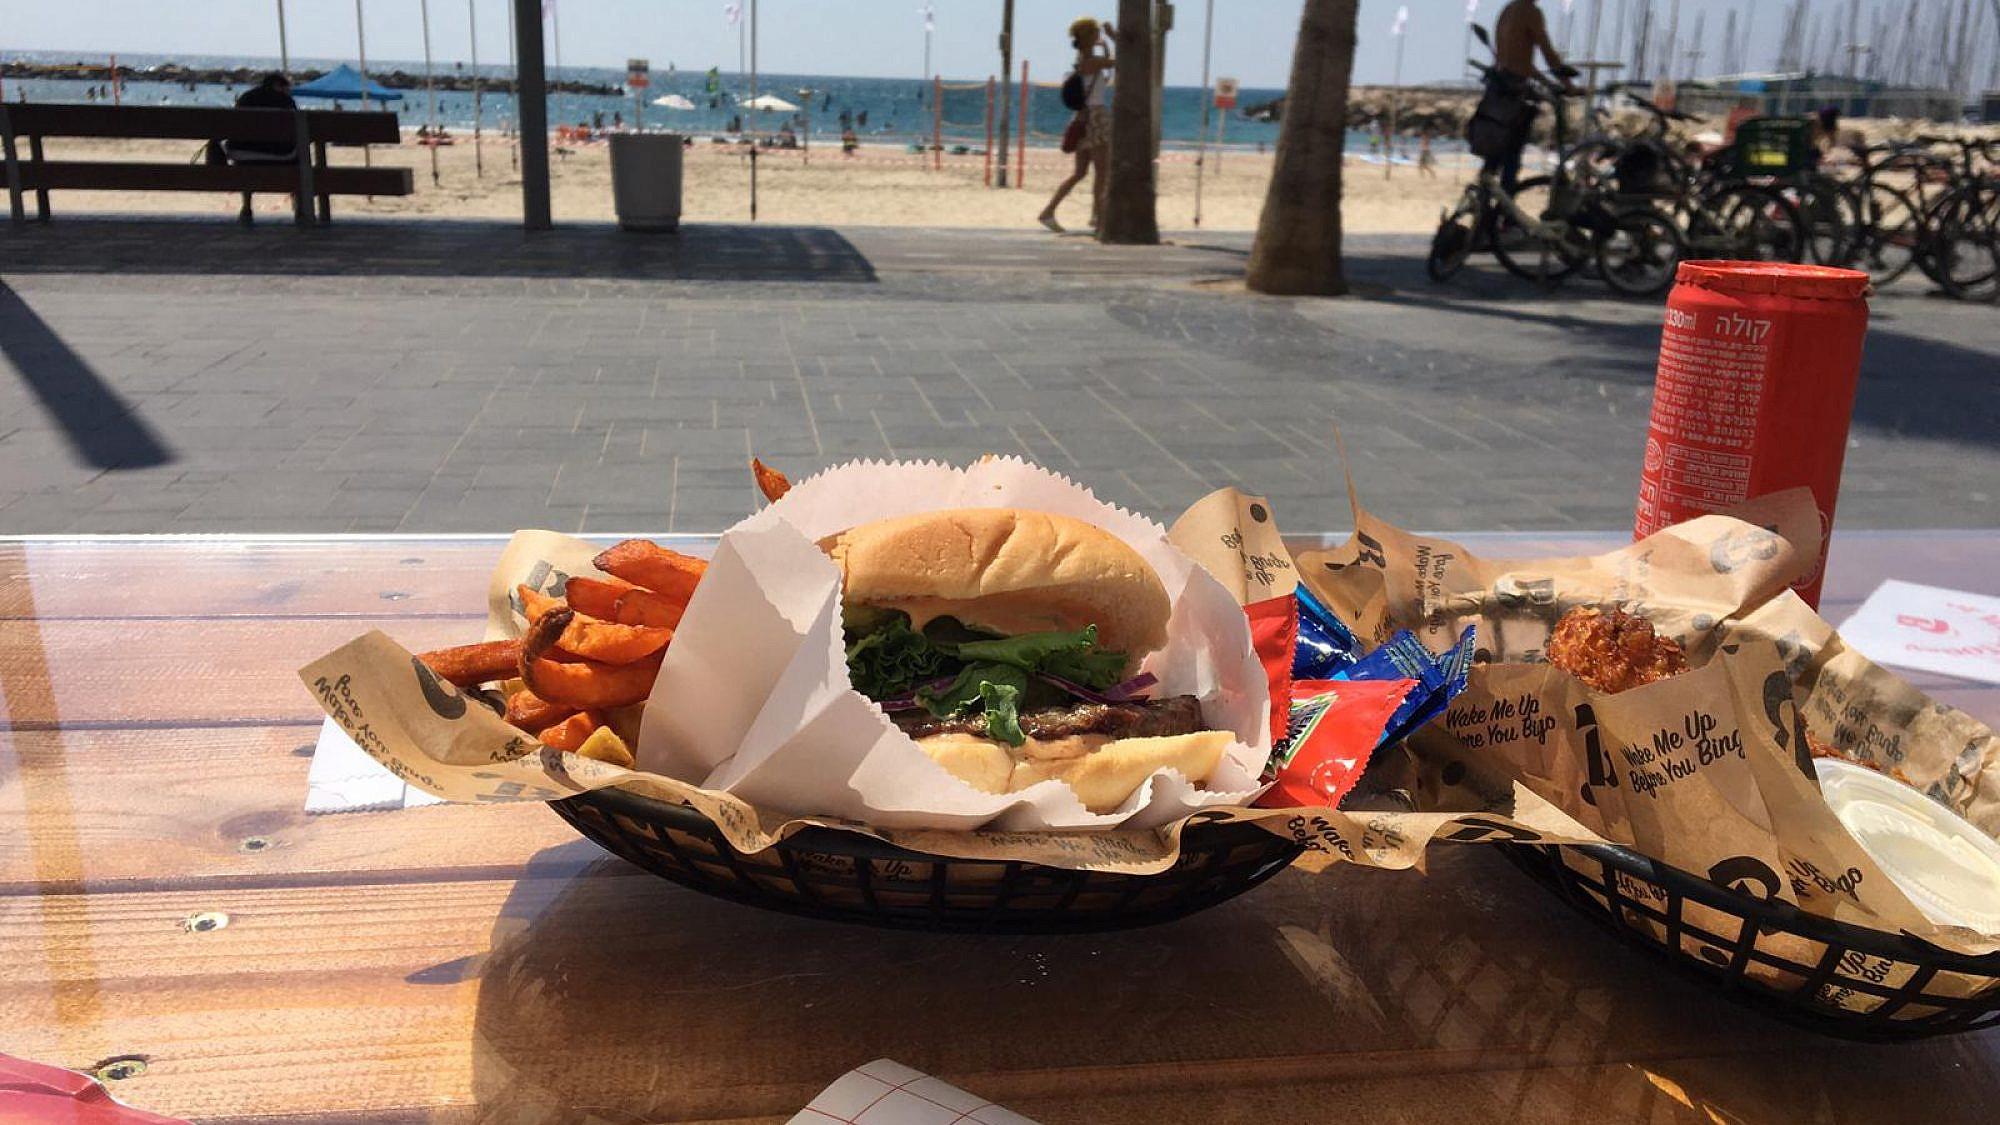 אוכל אמריקאי מושלם על החוף. בינגו (צילום: מתן שרון)